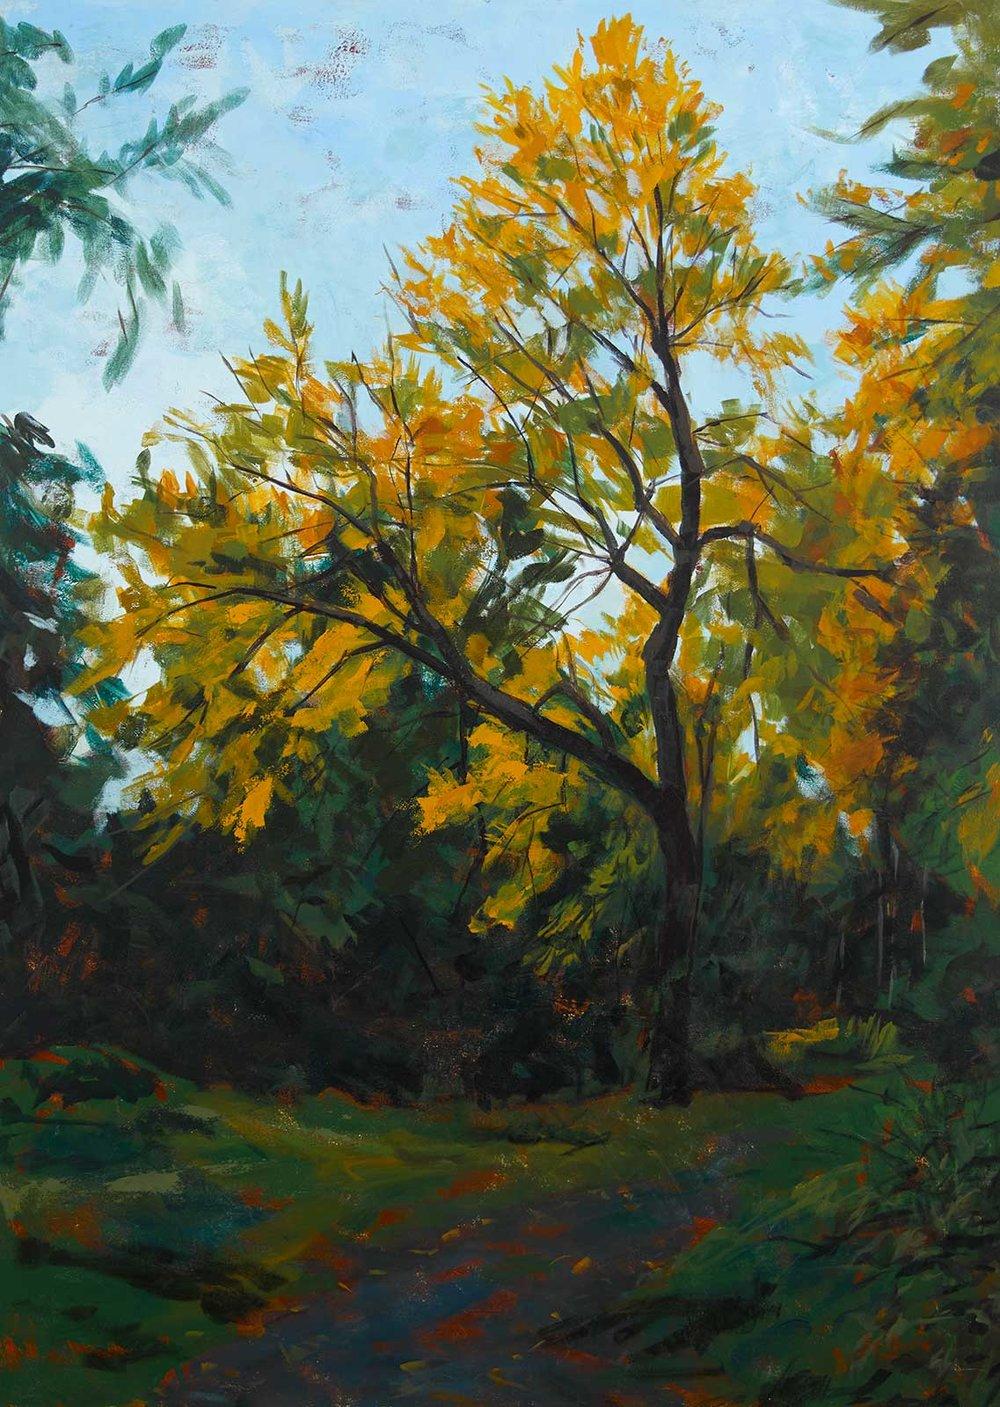 Corot's Tree